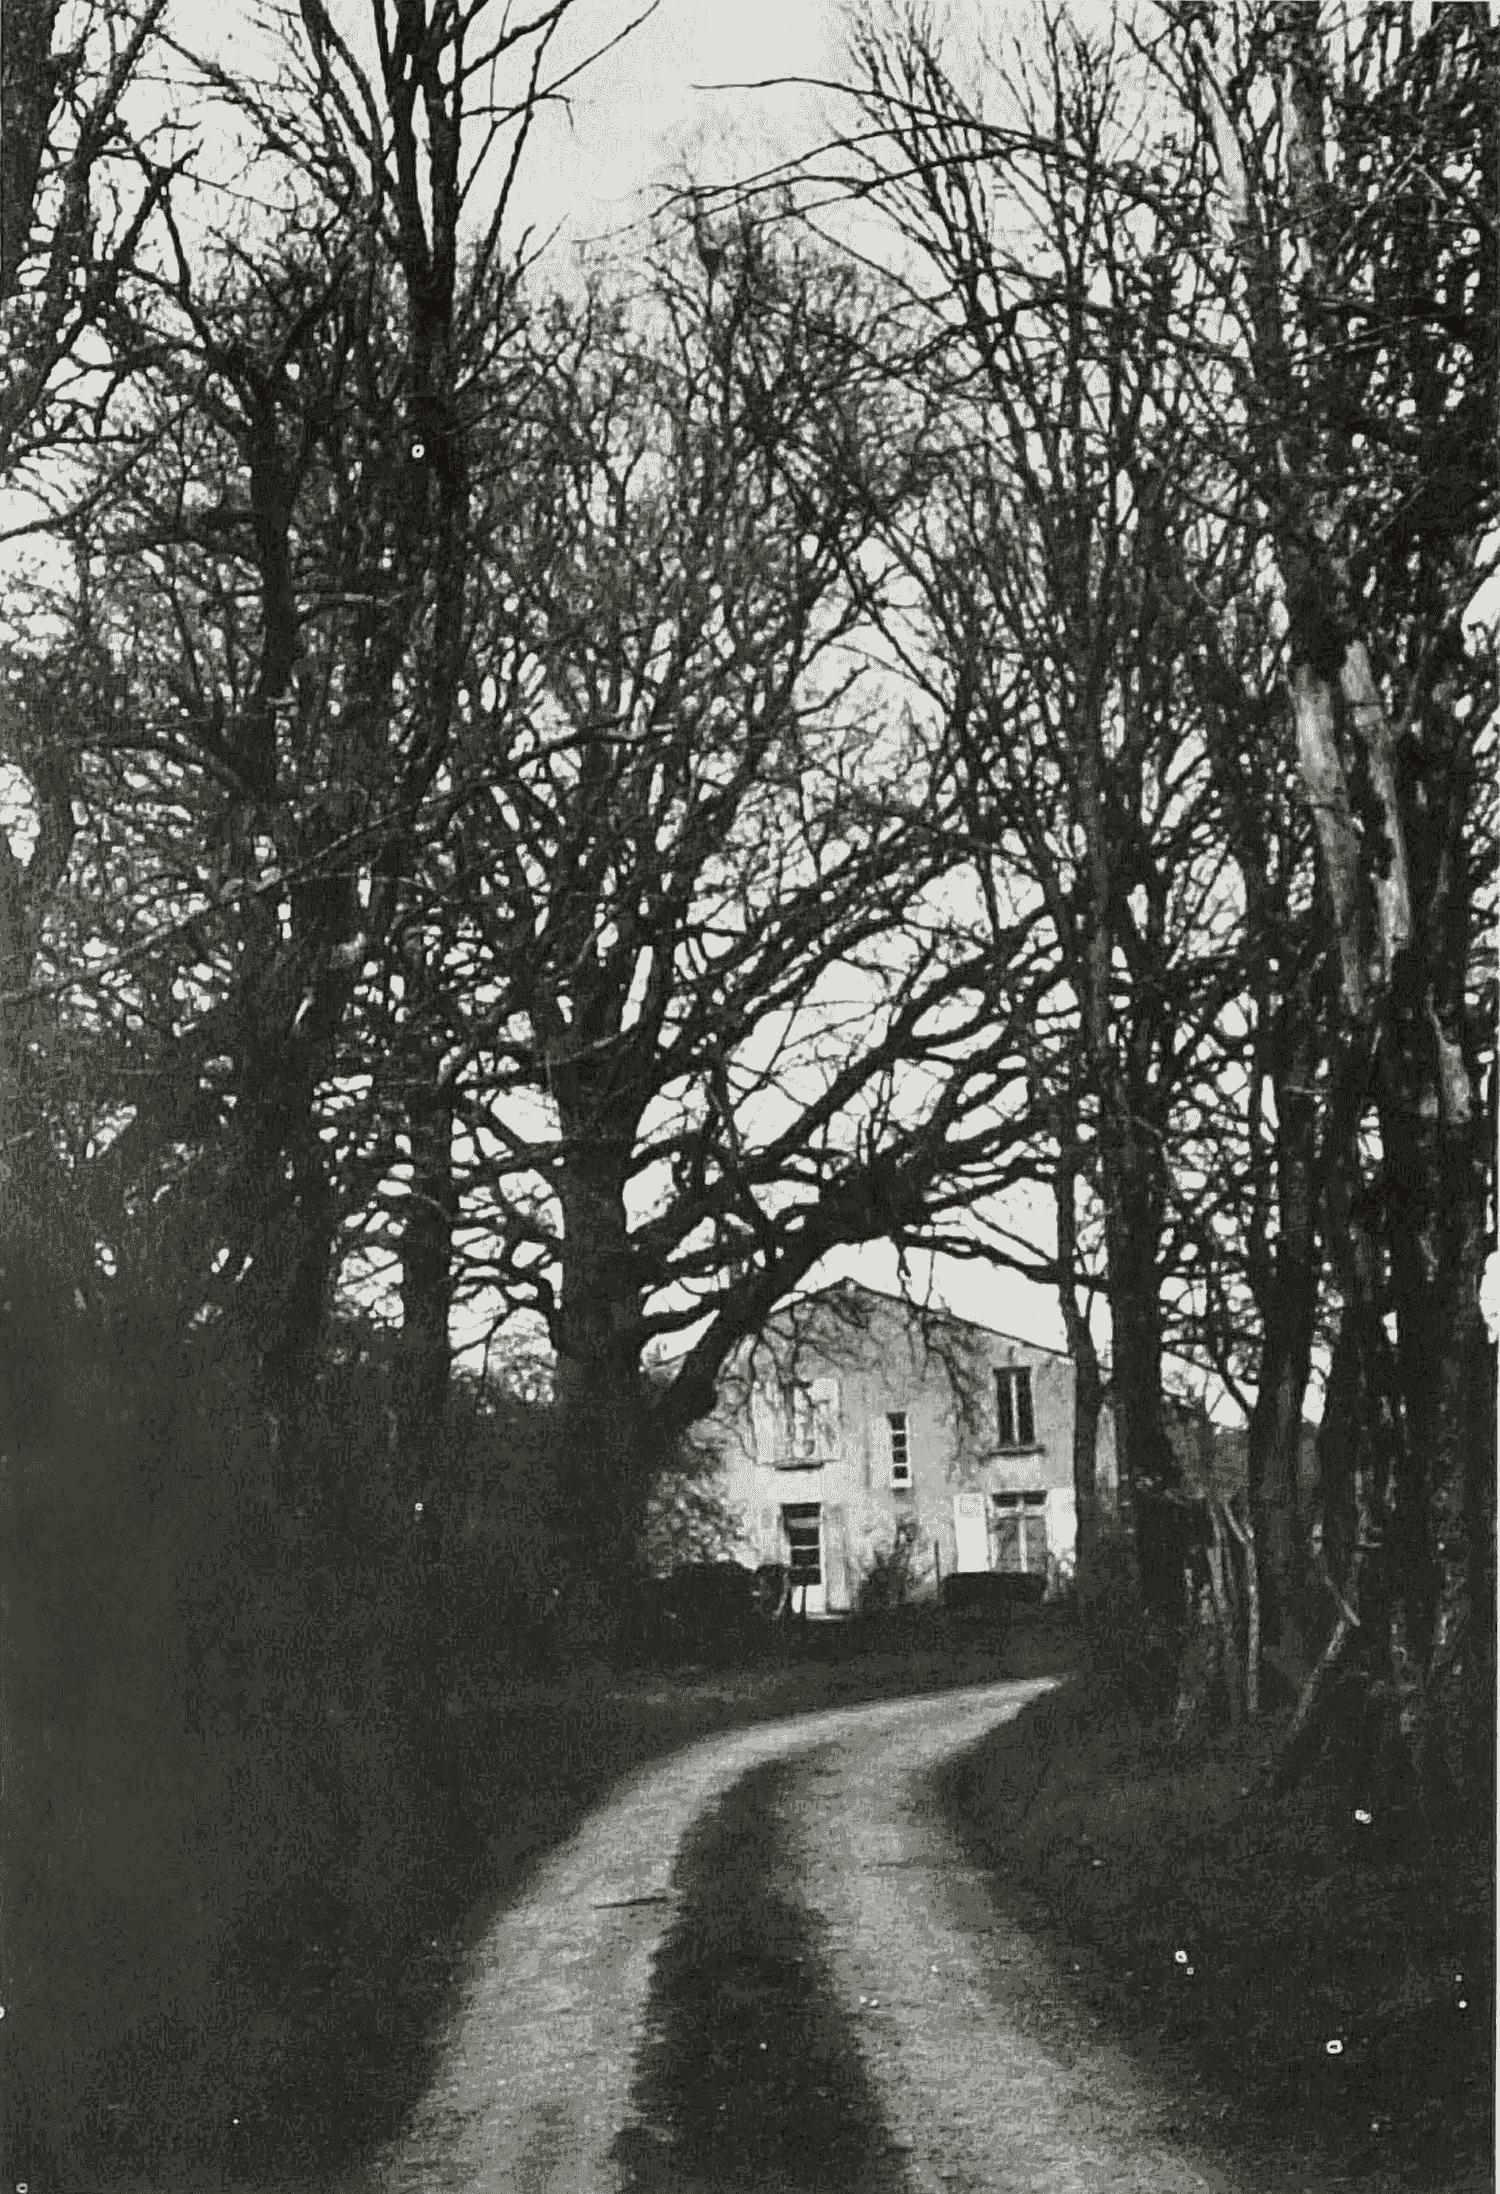 Au bout du chemin la maison de Solange Sainturat à Marché-Grugeau. Cliché Monique Leyssène. 13 avril 1983.